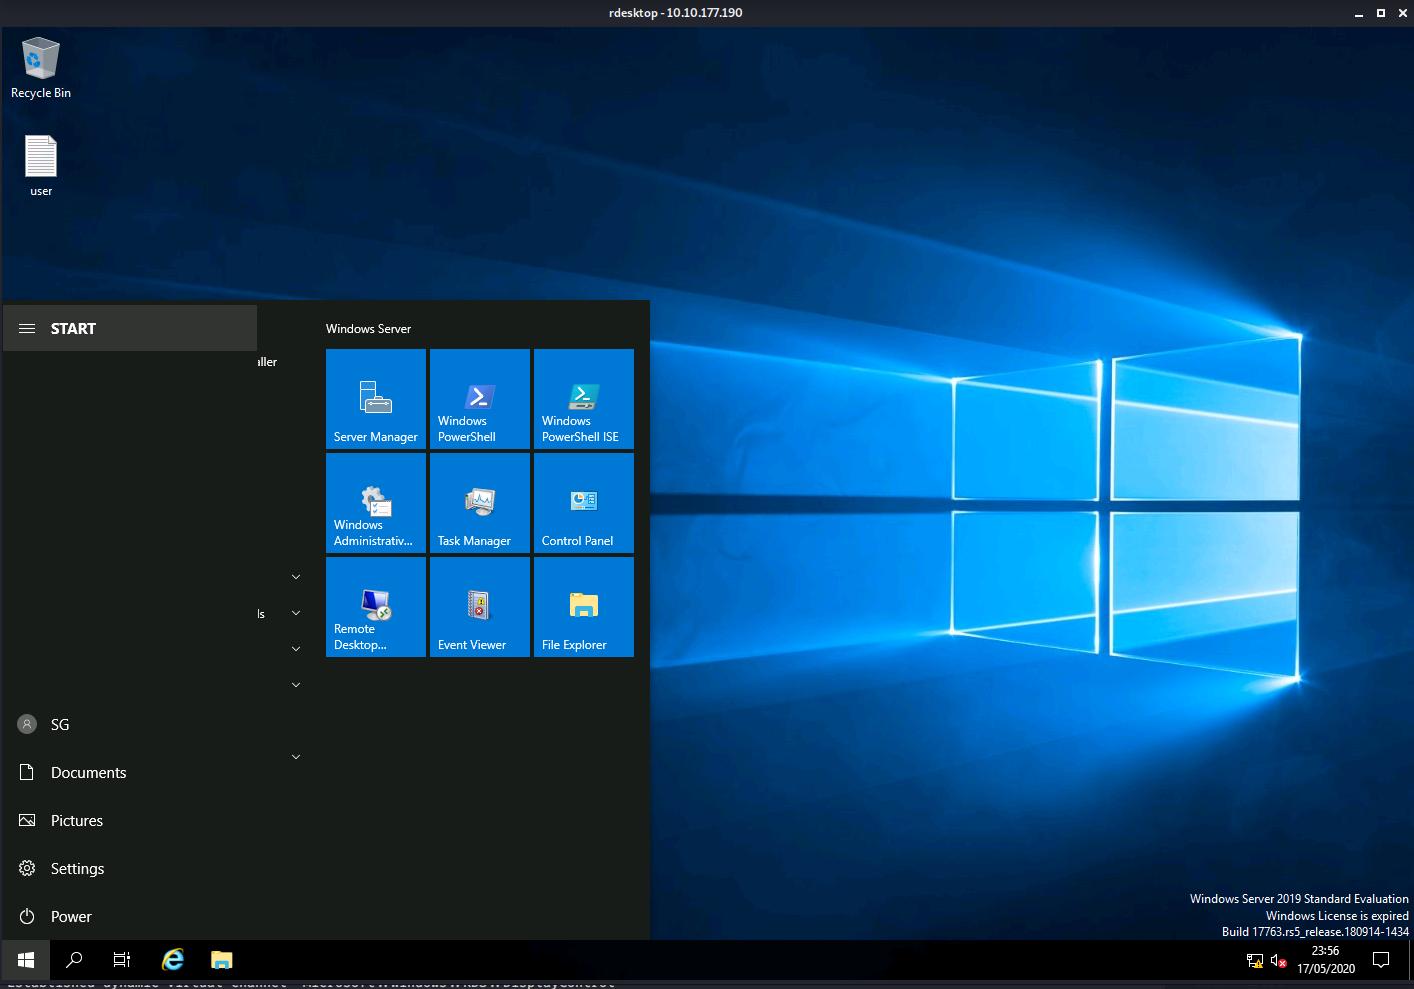 sg-desktop